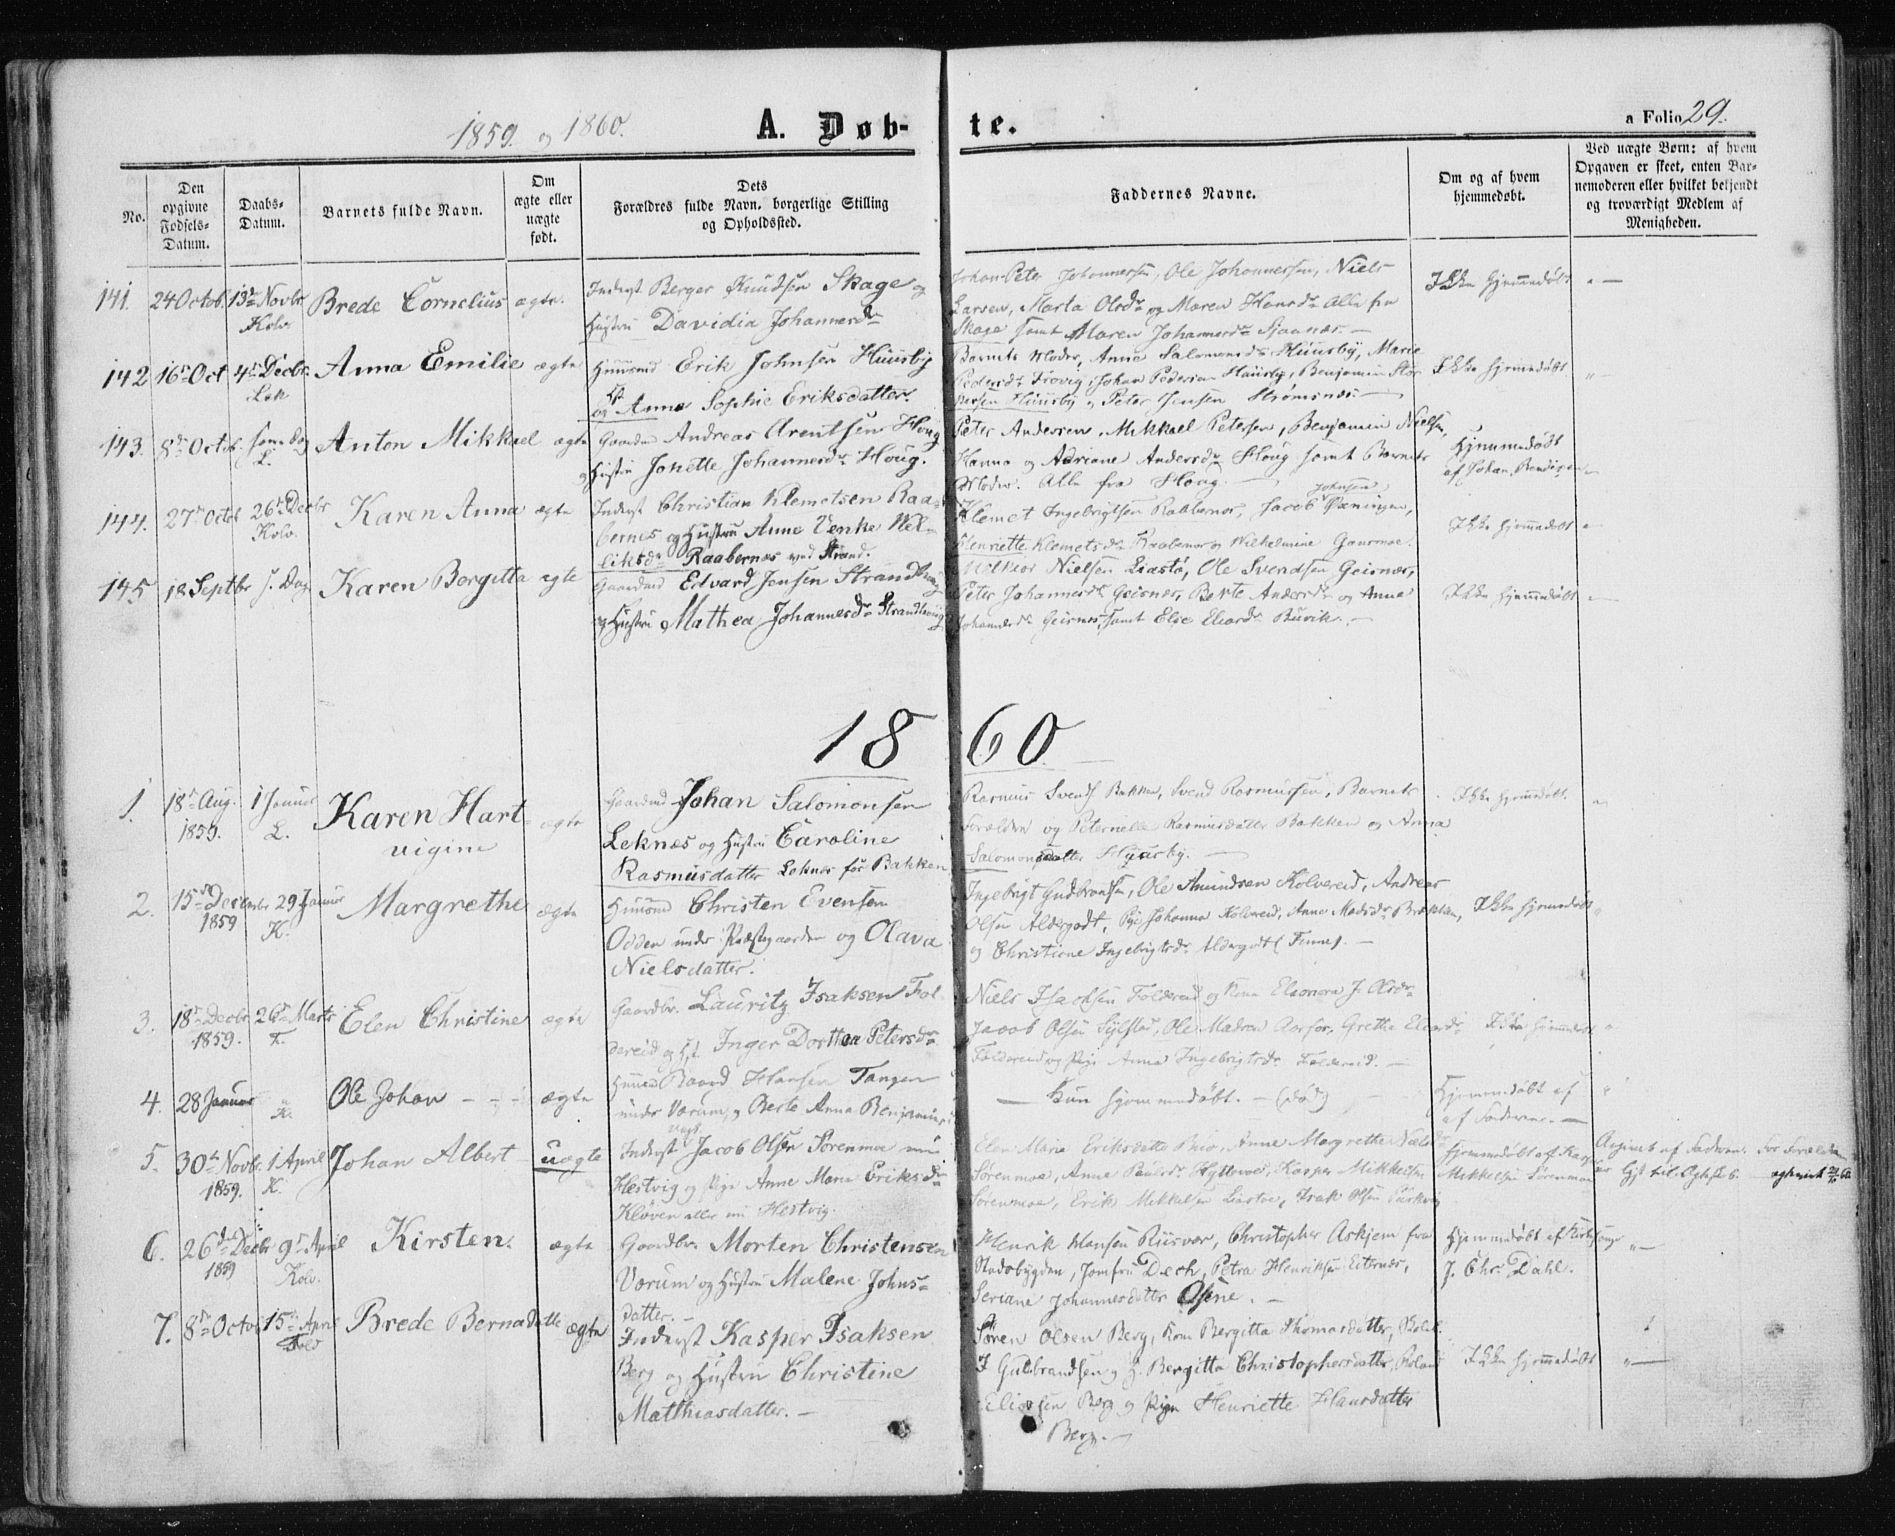 SAT, Ministerialprotokoller, klokkerbøker og fødselsregistre - Nord-Trøndelag, 780/L0641: Ministerialbok nr. 780A06, 1857-1874, s. 29